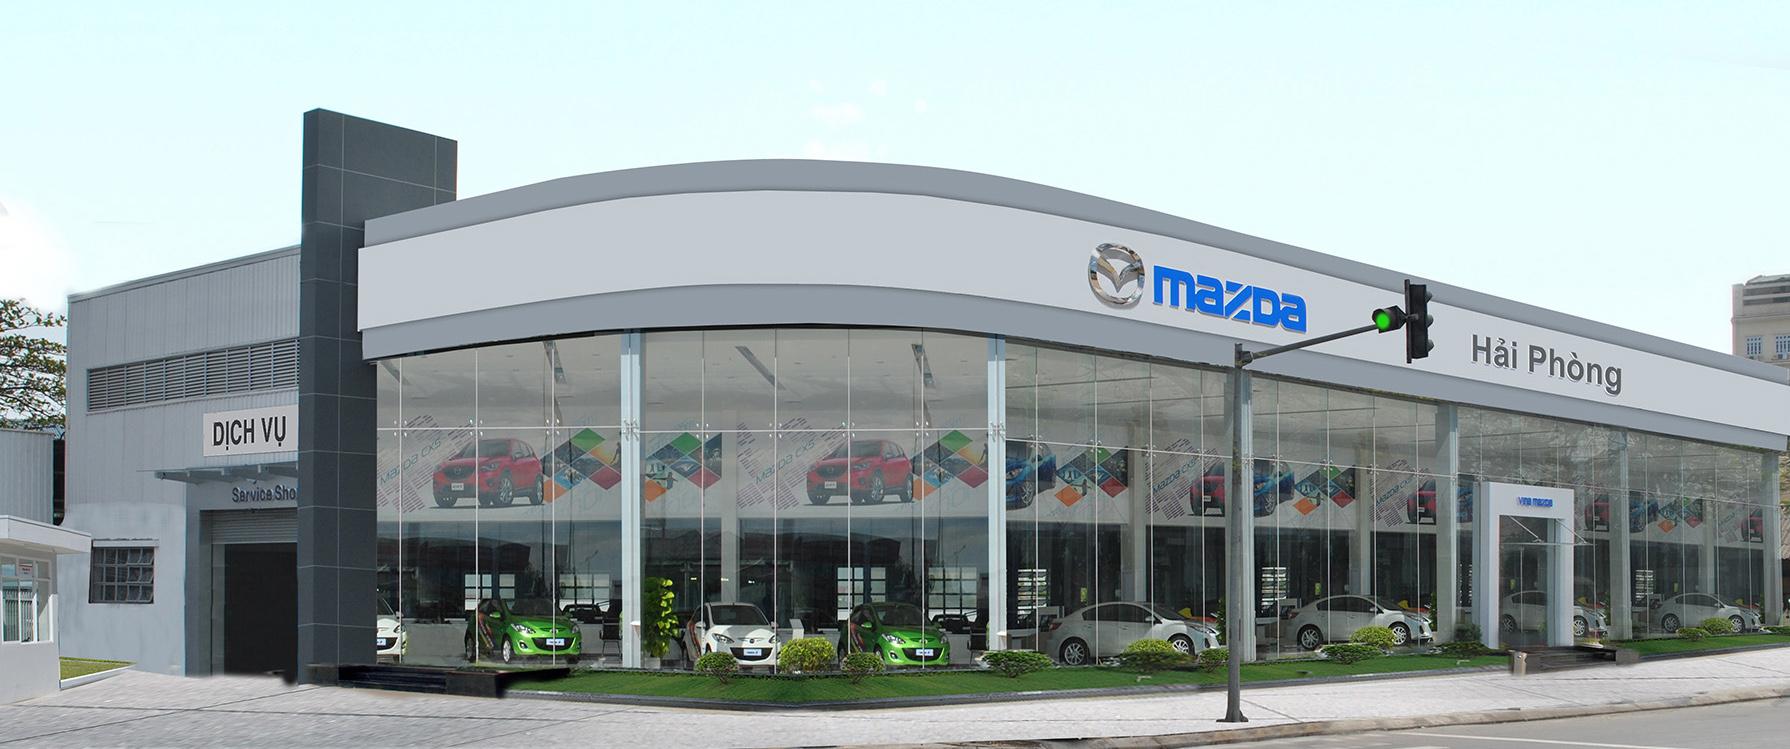 Vina Mazda thực hiện 2 chương trình ưu đãi trong tháng 9